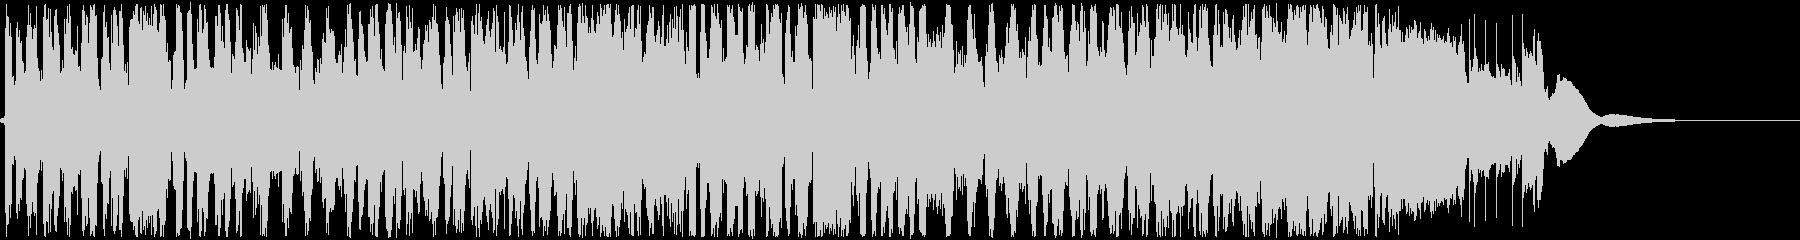 煌びやかなフュージョン ShortVerの未再生の波形